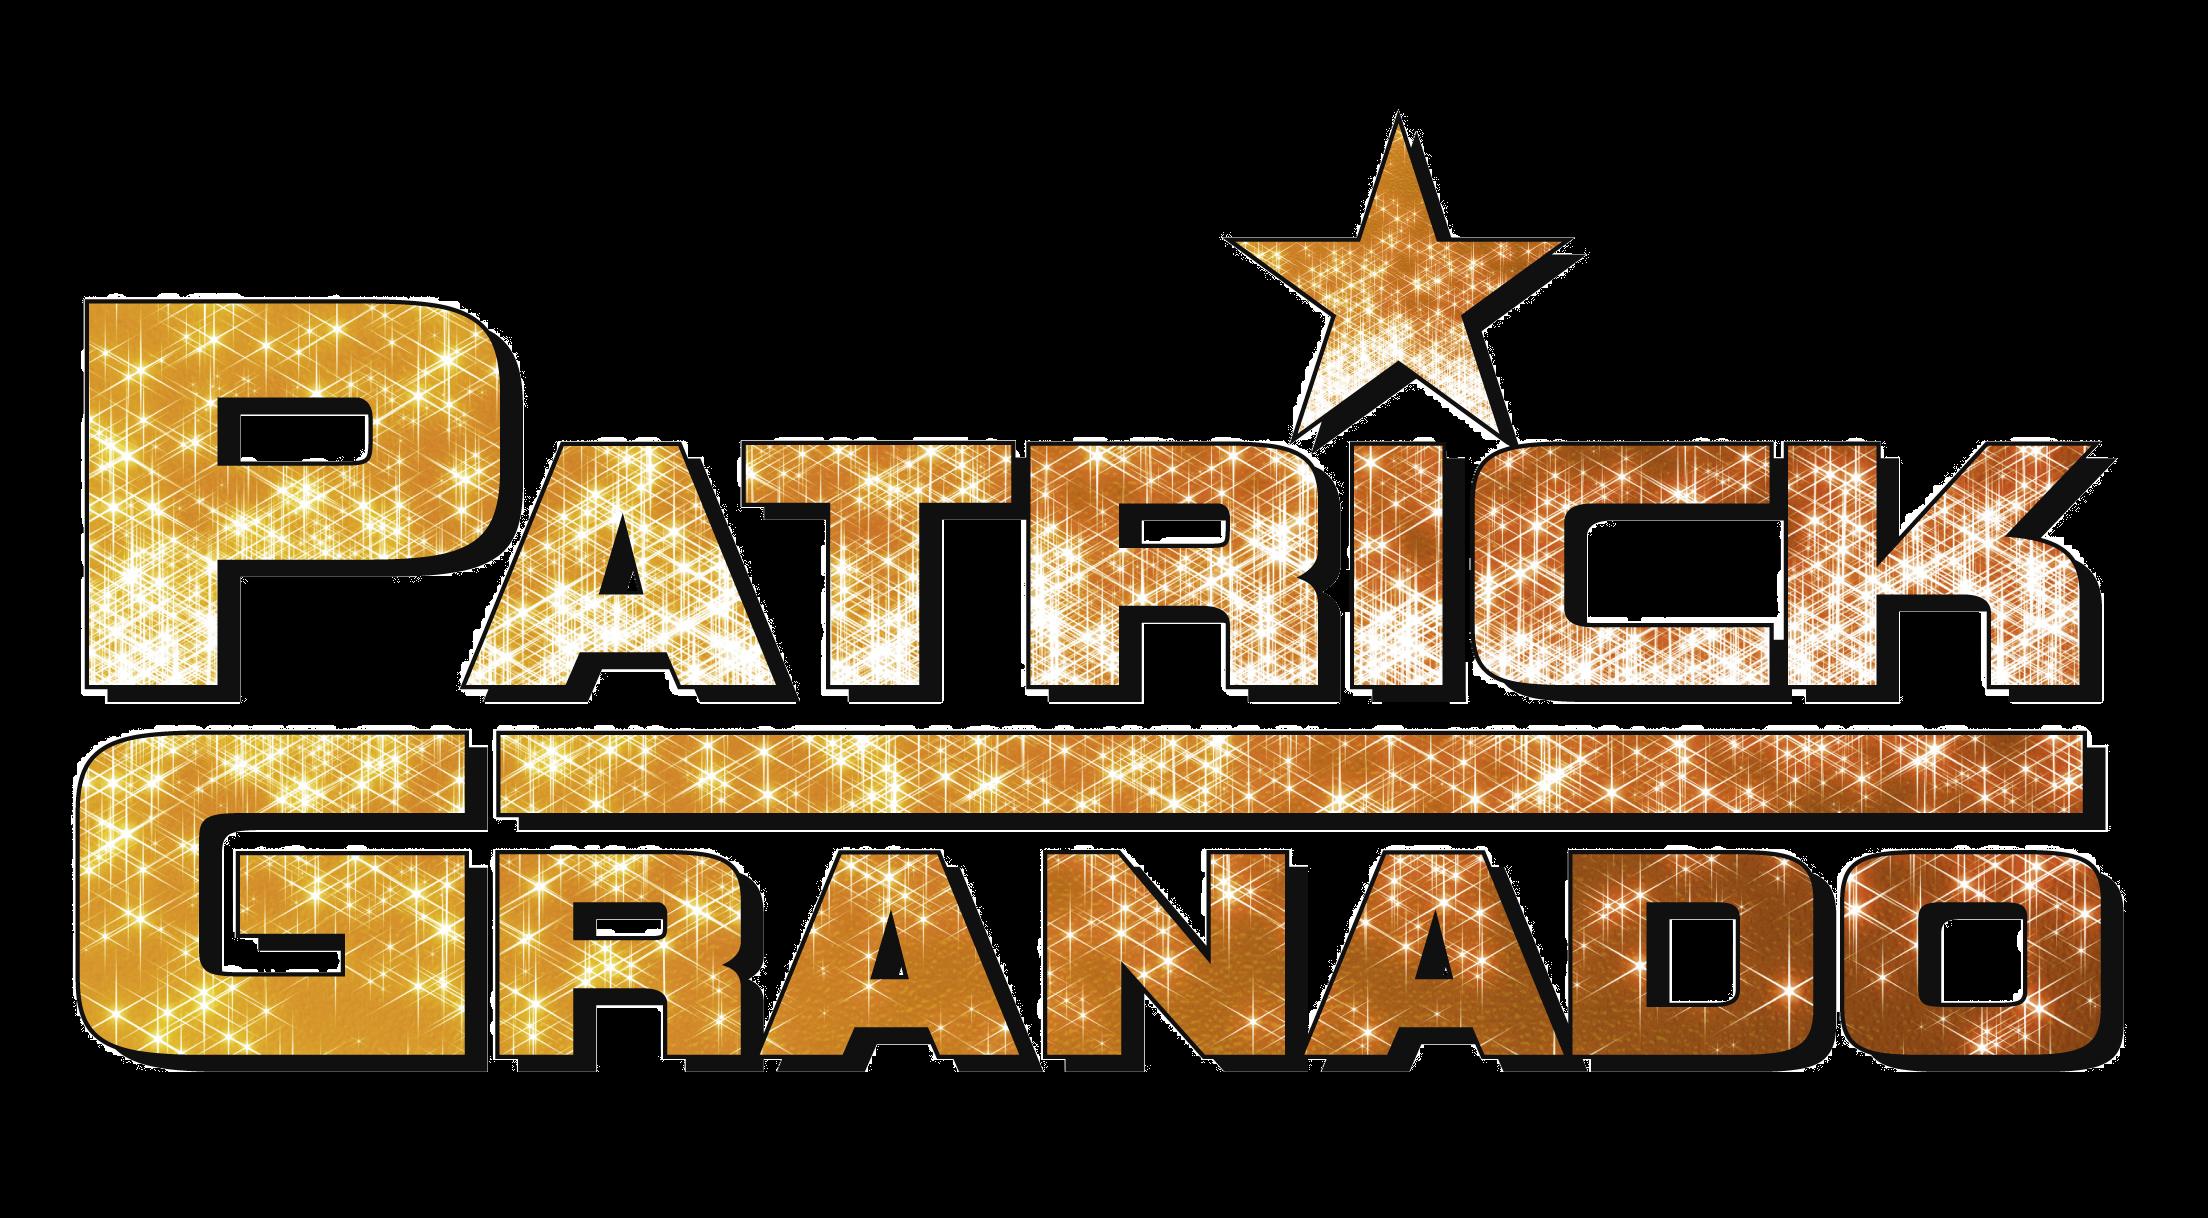 Patrick Granado